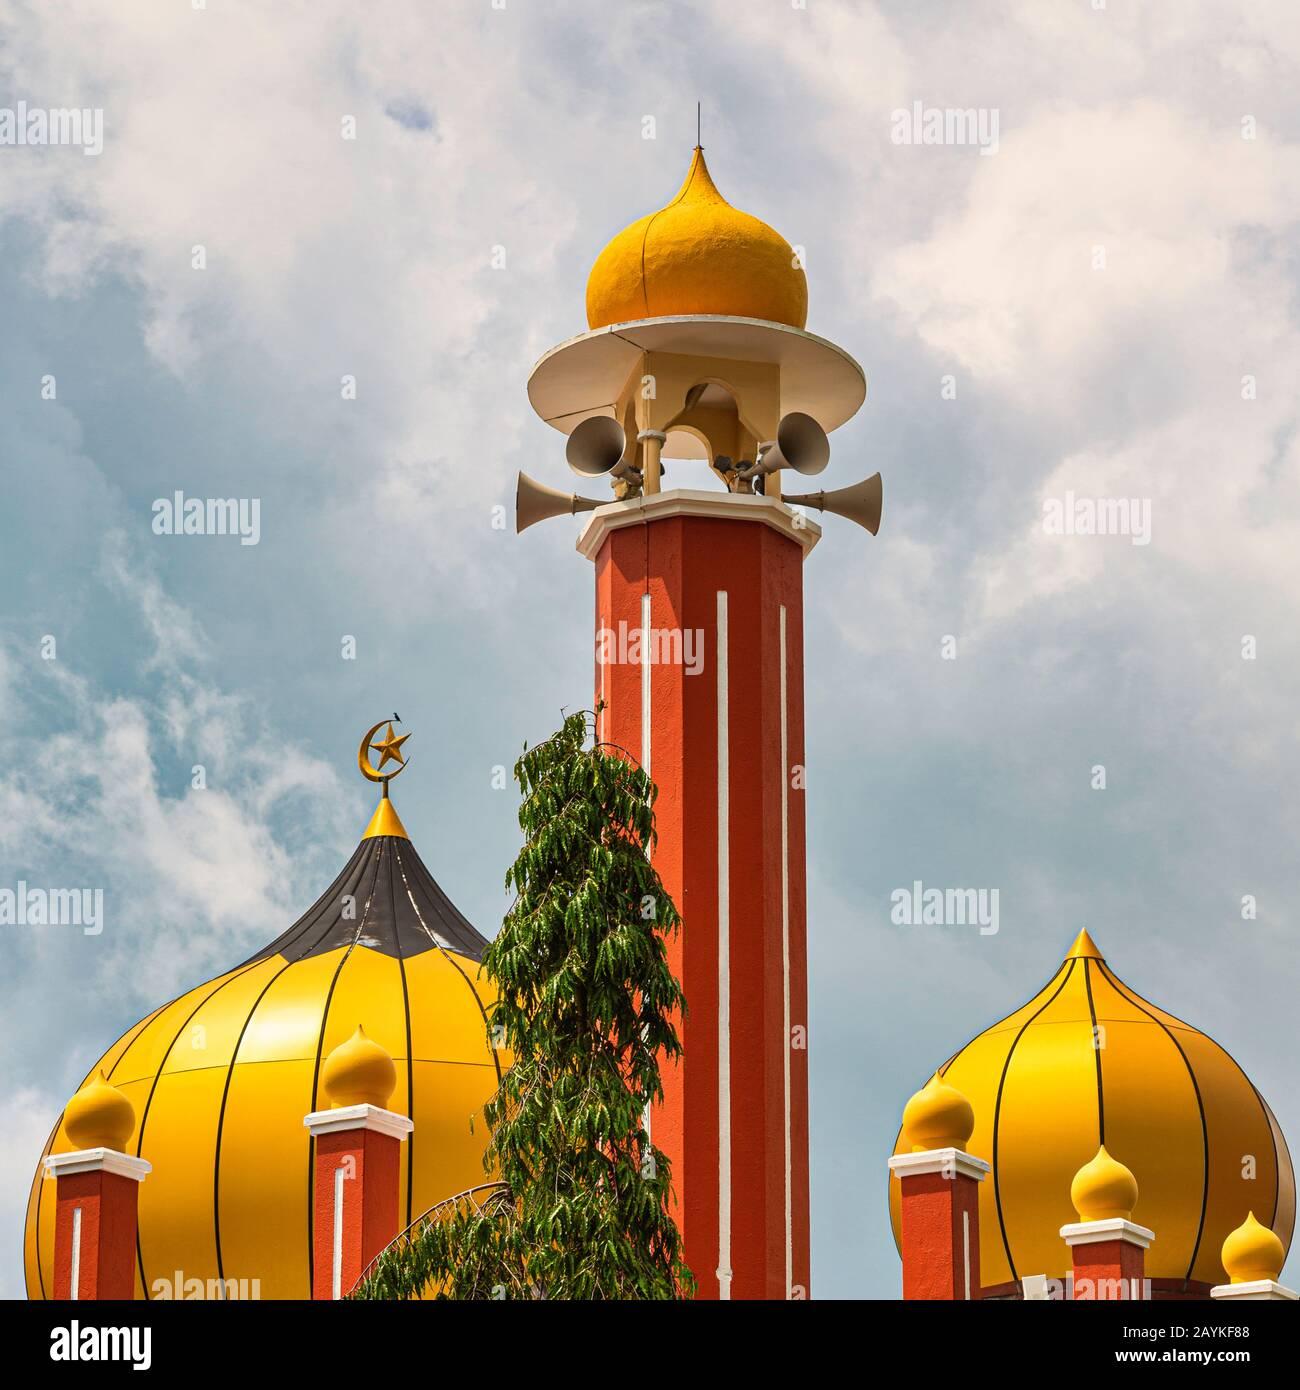 Tormenta nube fondo al minarete de la mezquita dorada Foto de stock